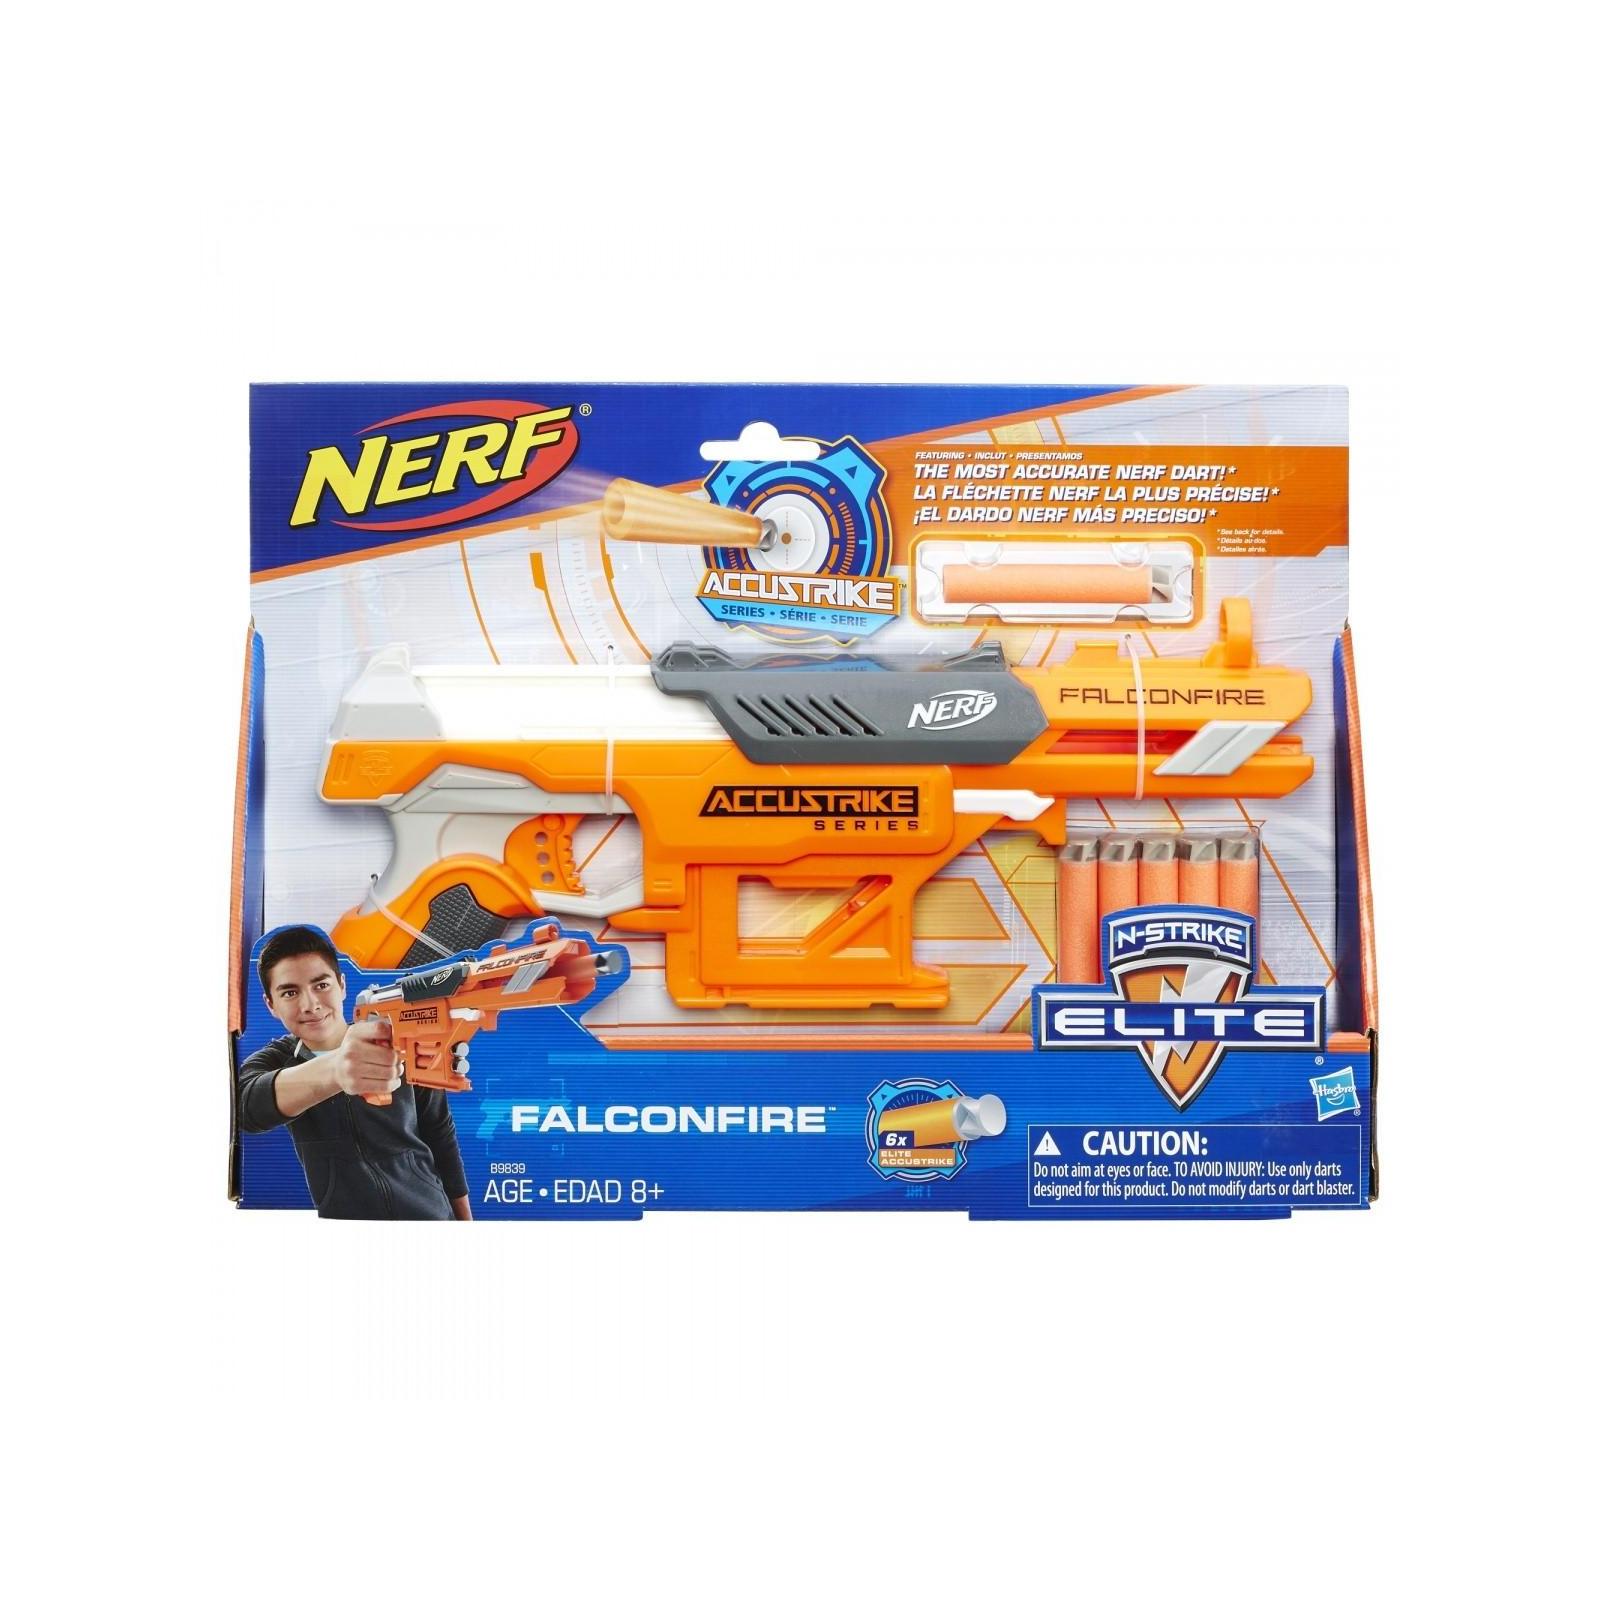 Игрушечное оружие Hasbro Бластер Аккустрайк Фалконфайр (B9839) изображение 2